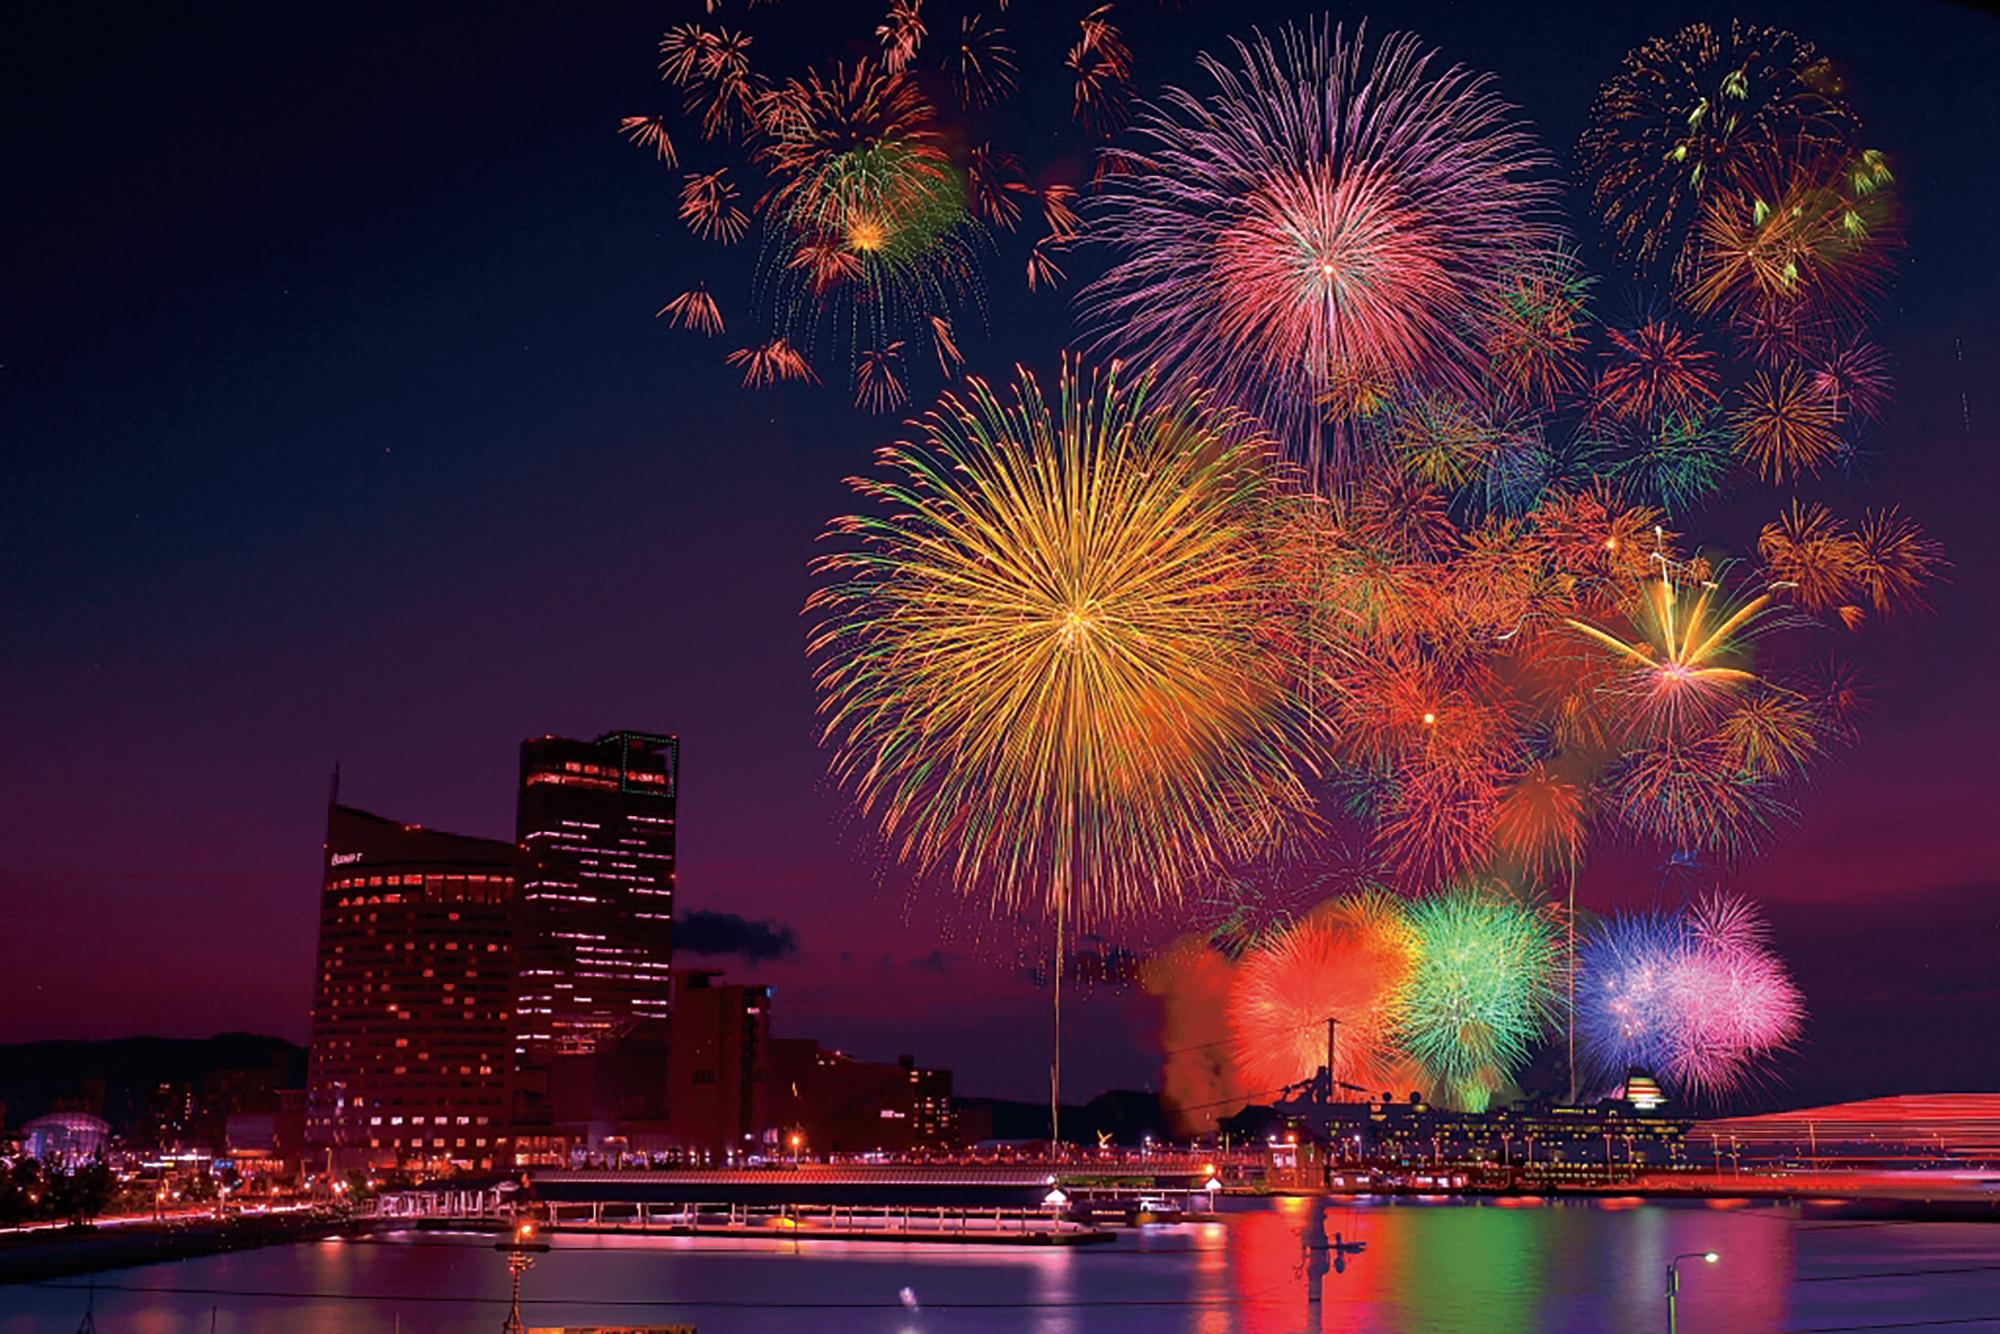 ドドドドッカ~ンと夏を楽しもう! 全力花火ガイドin徳島